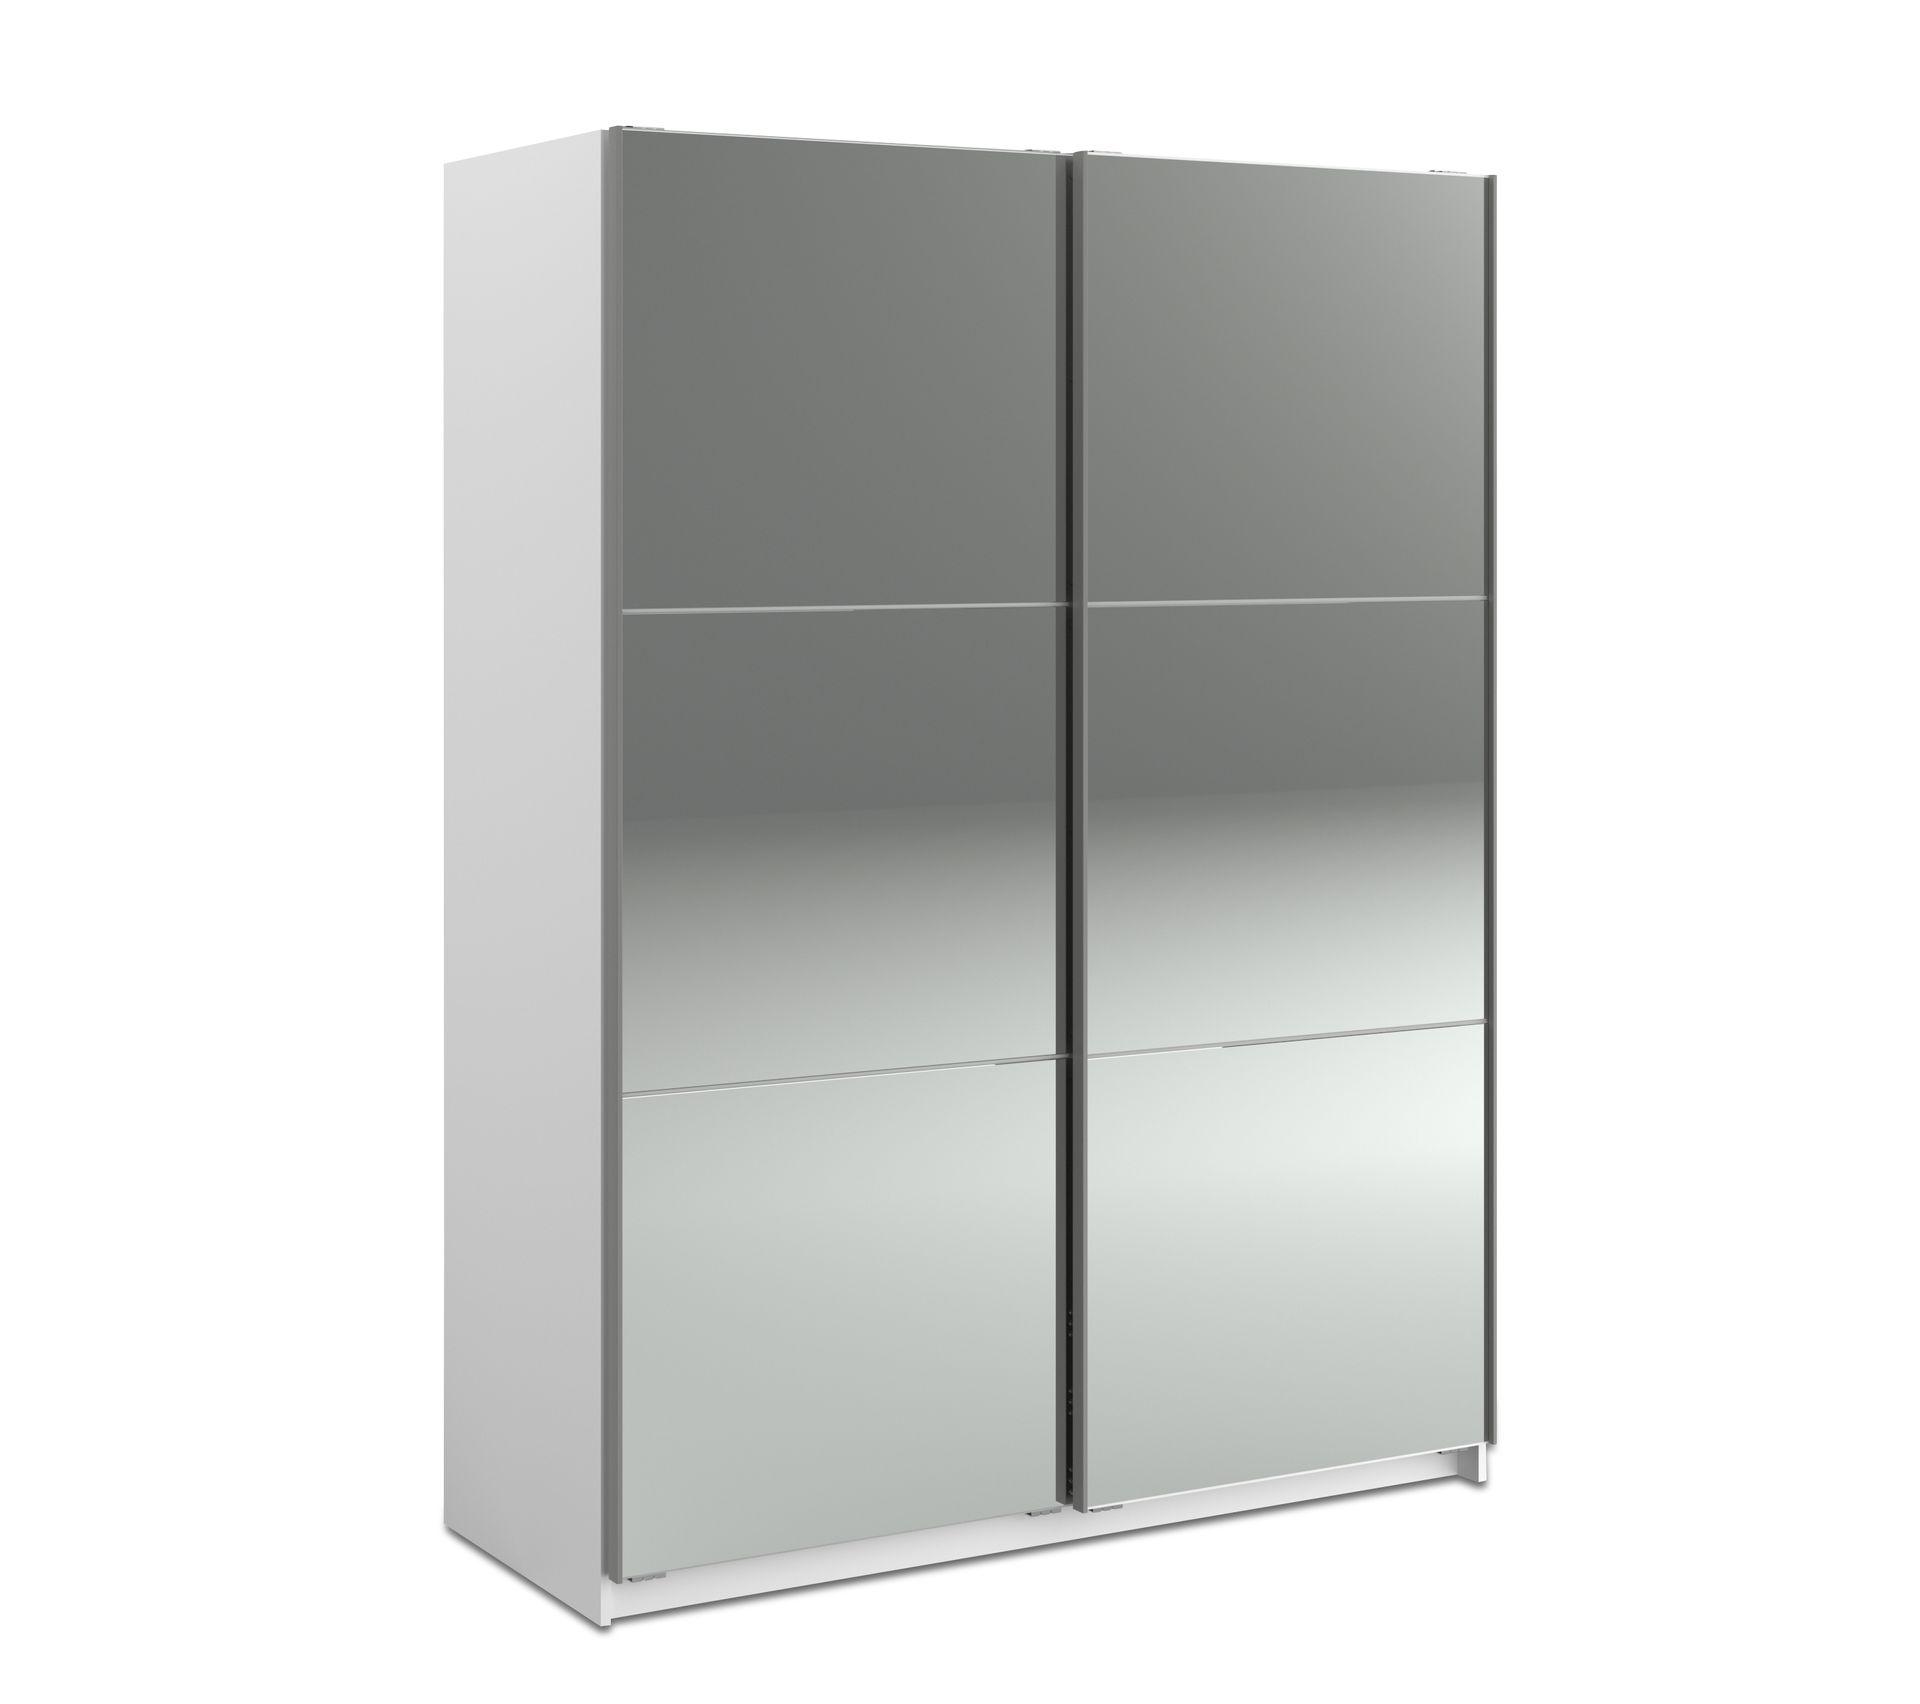 Armoire 2 Portes Coulissantes L 150 Cm Memo Double Miroir Armoire But